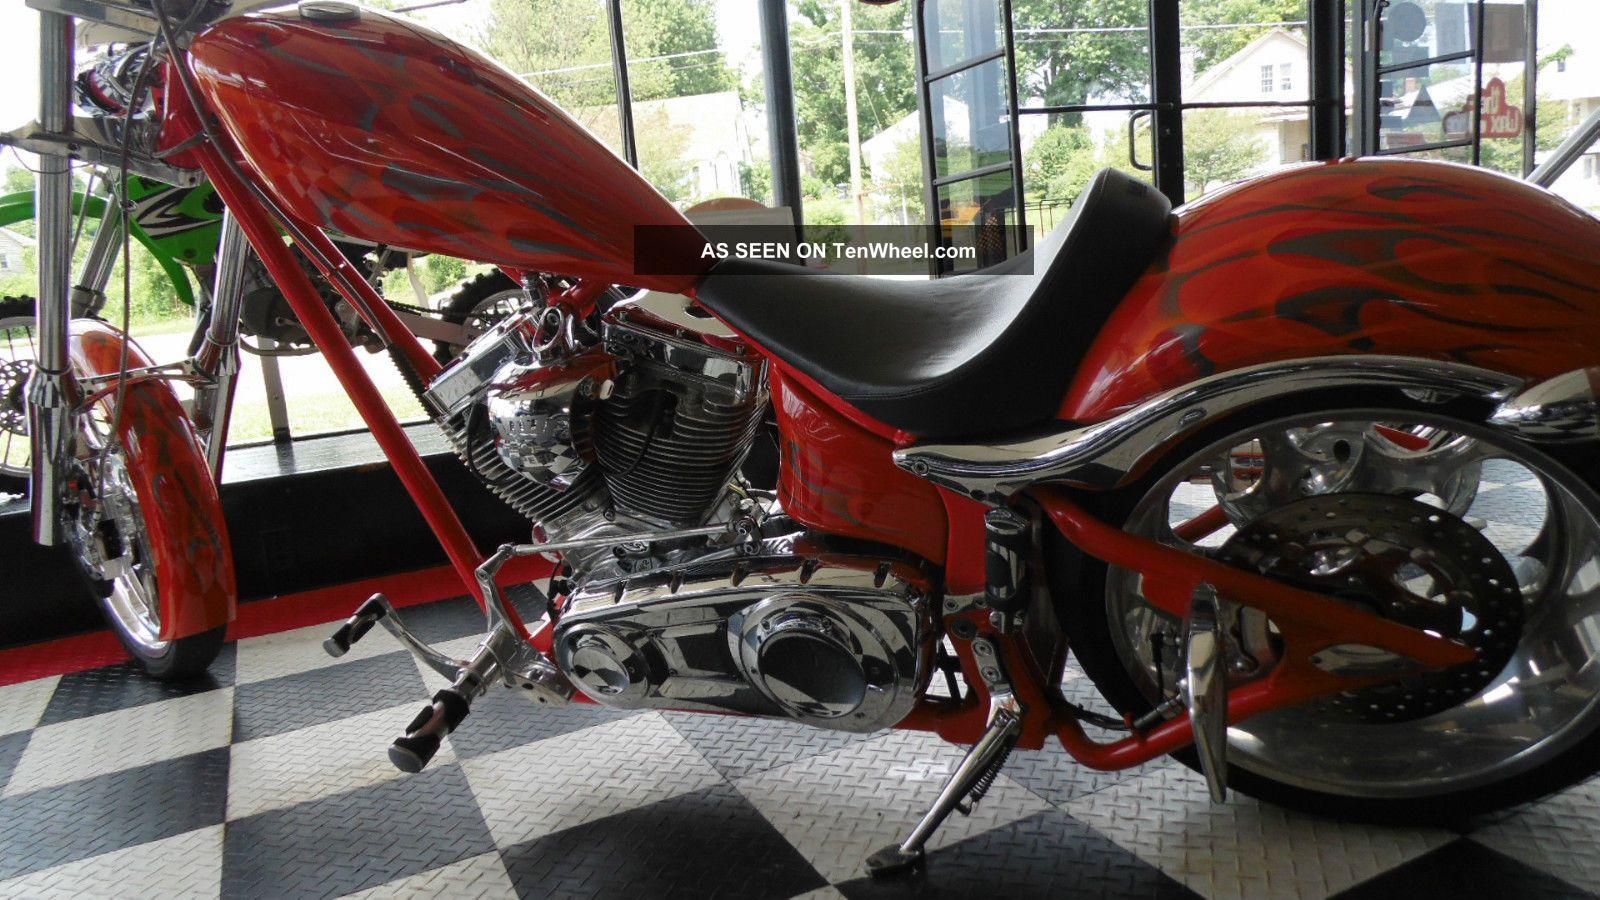 2008 Big Dog K9 Chopper Wire Plus Excellent Bike 6 Speed